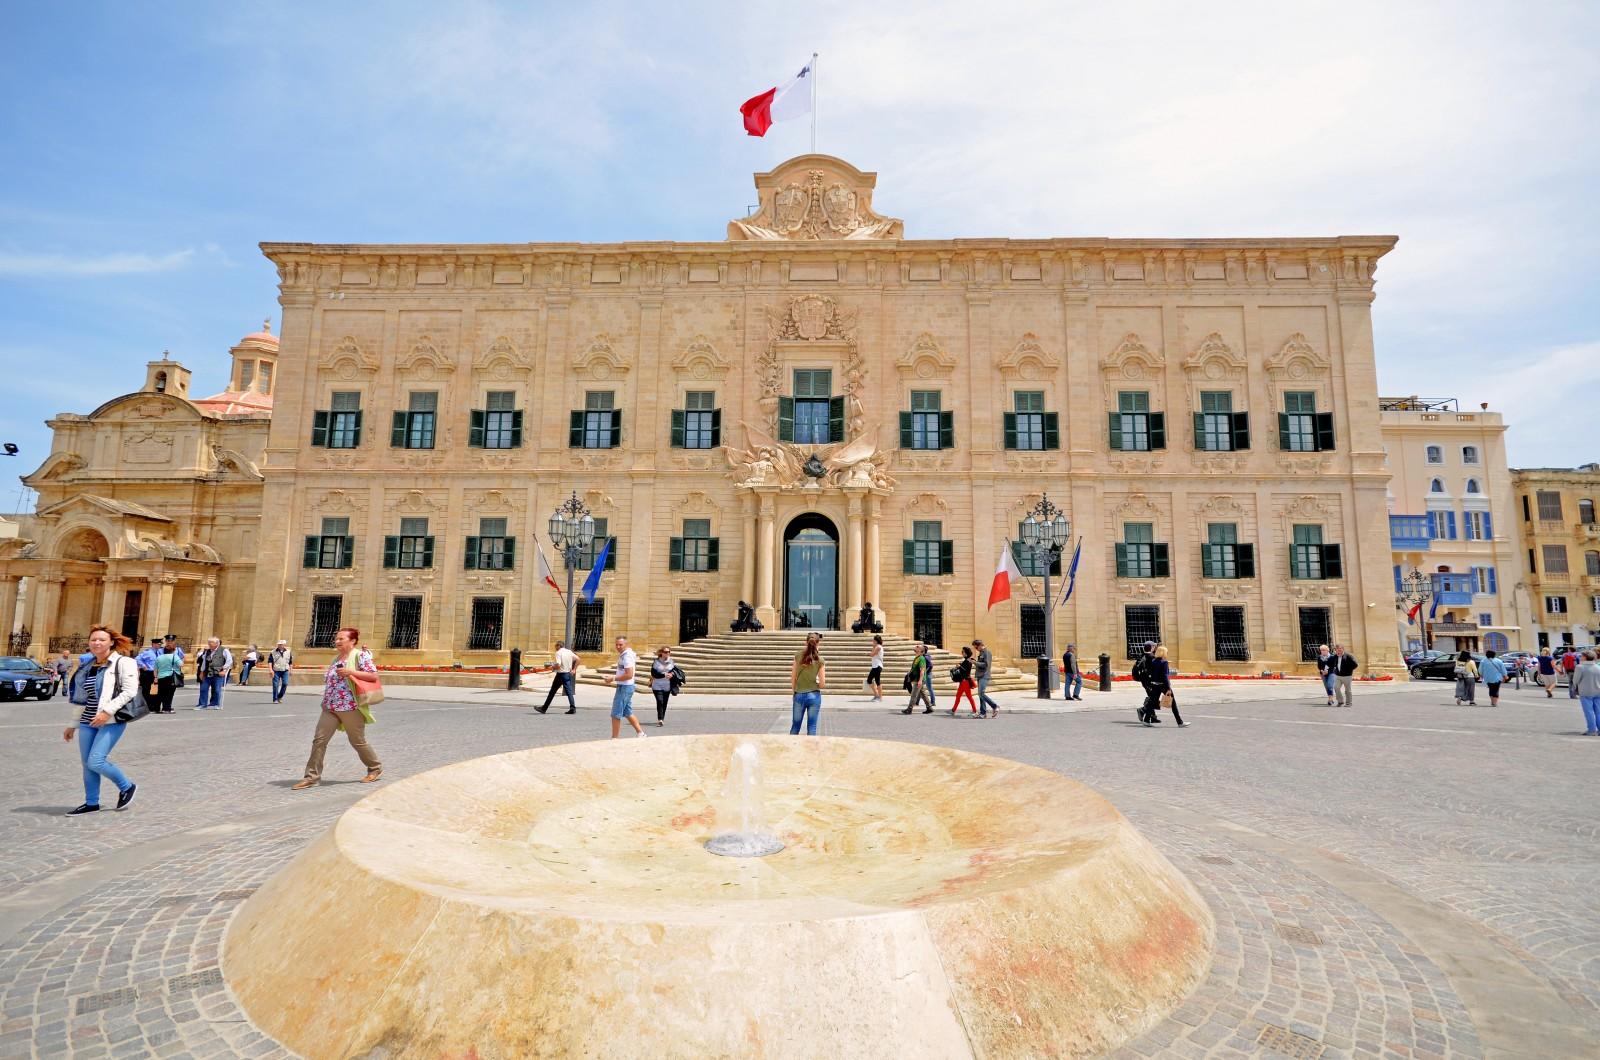 Castille_Square Malta